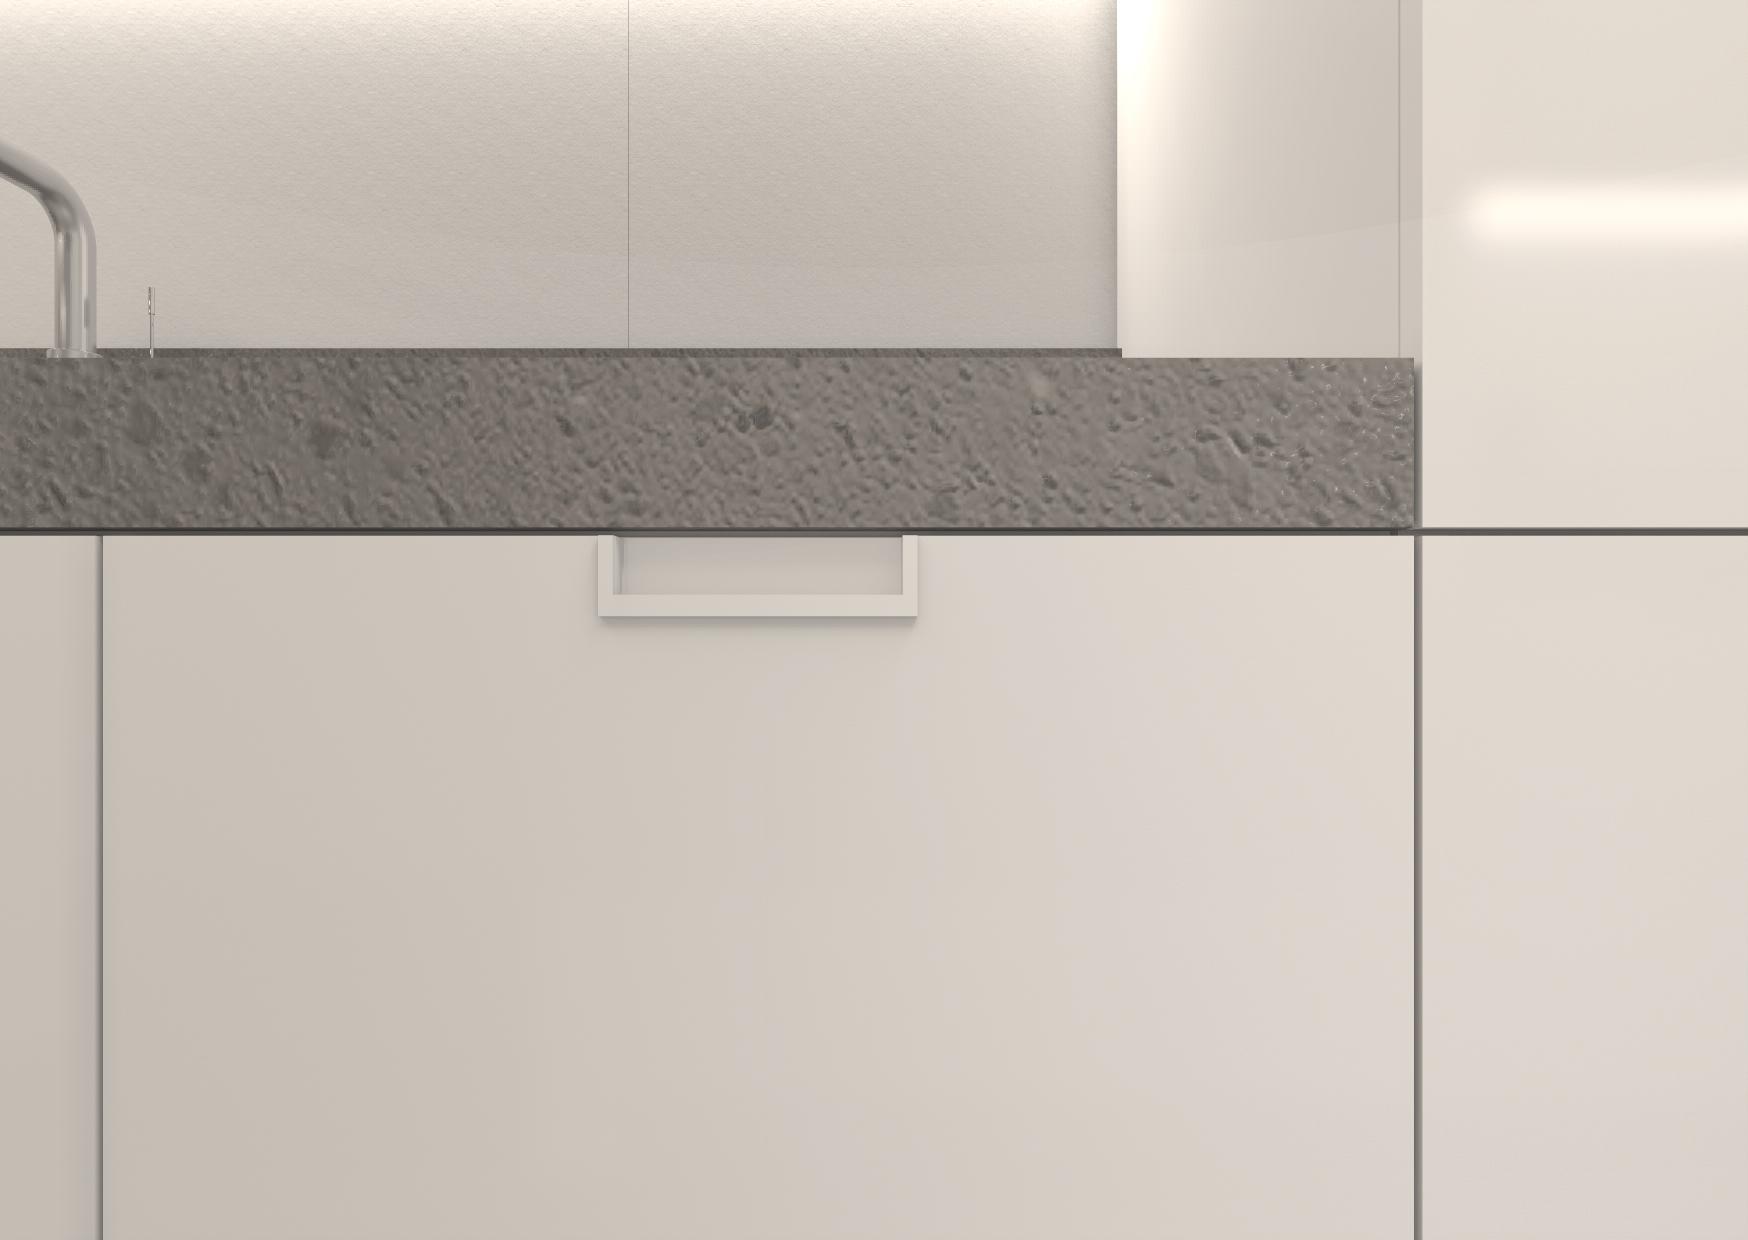 Küche_Detail_3